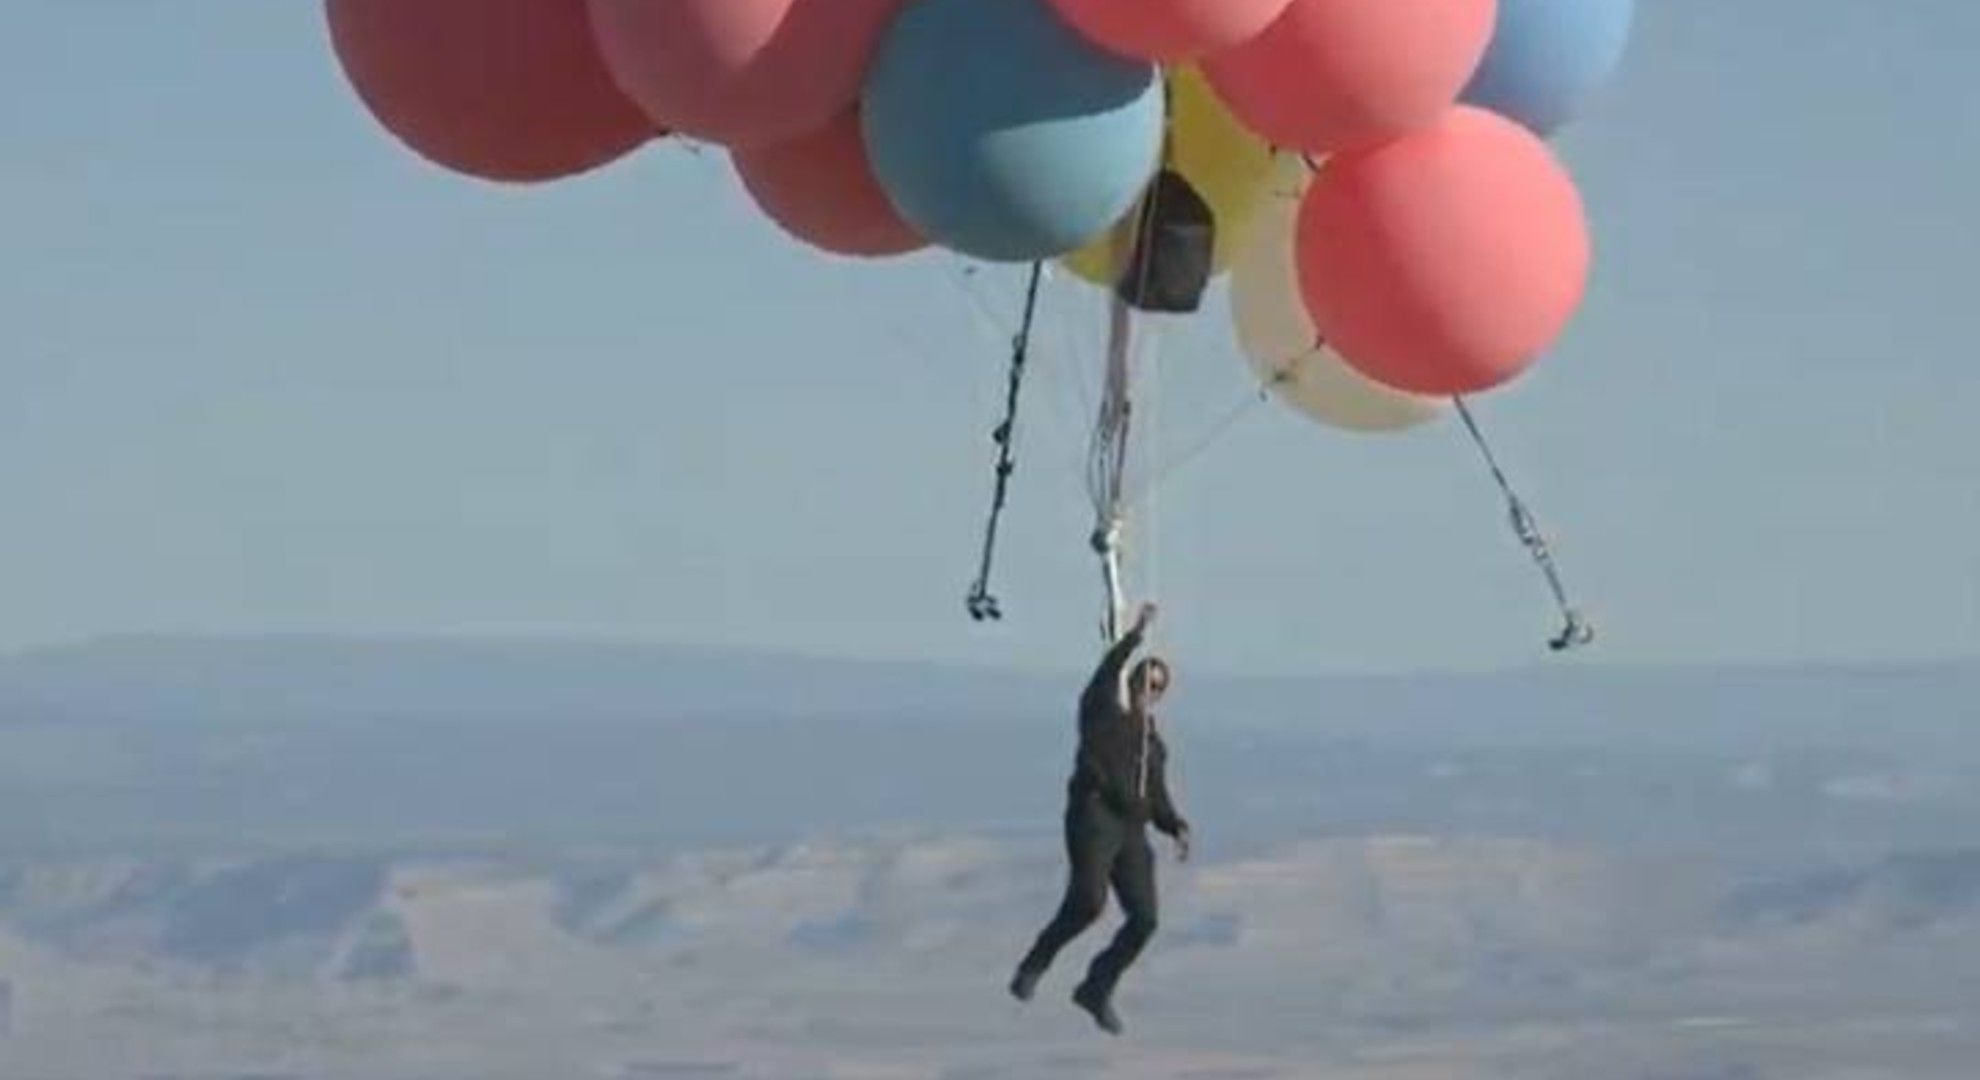 Színes léggömbökkel emelkedett a magasba David Blaine